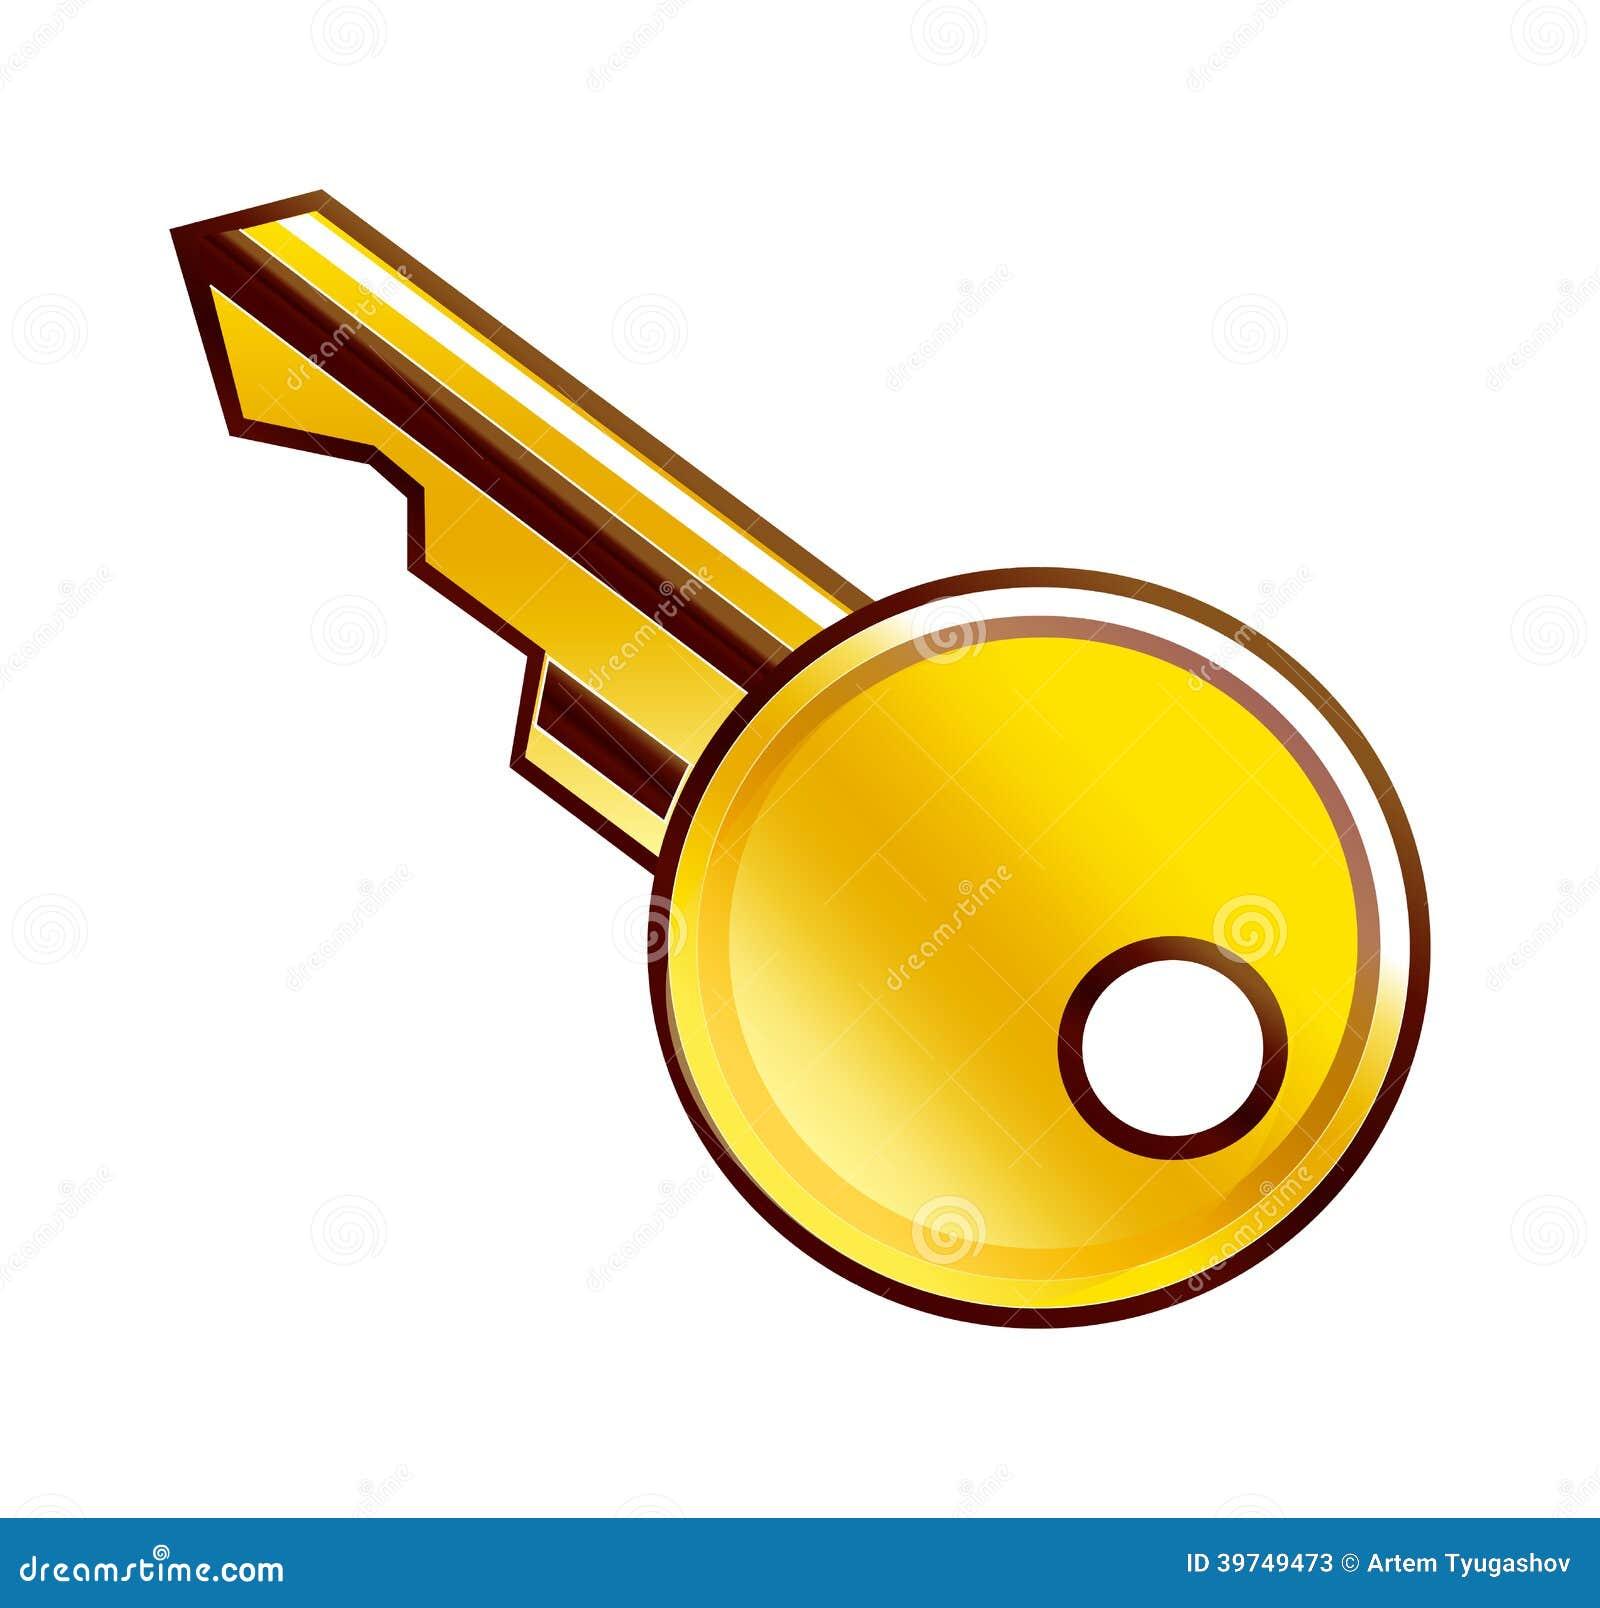 Llave de oro ilustraci n del vector imagen 39749473 - La llave del hogar ...